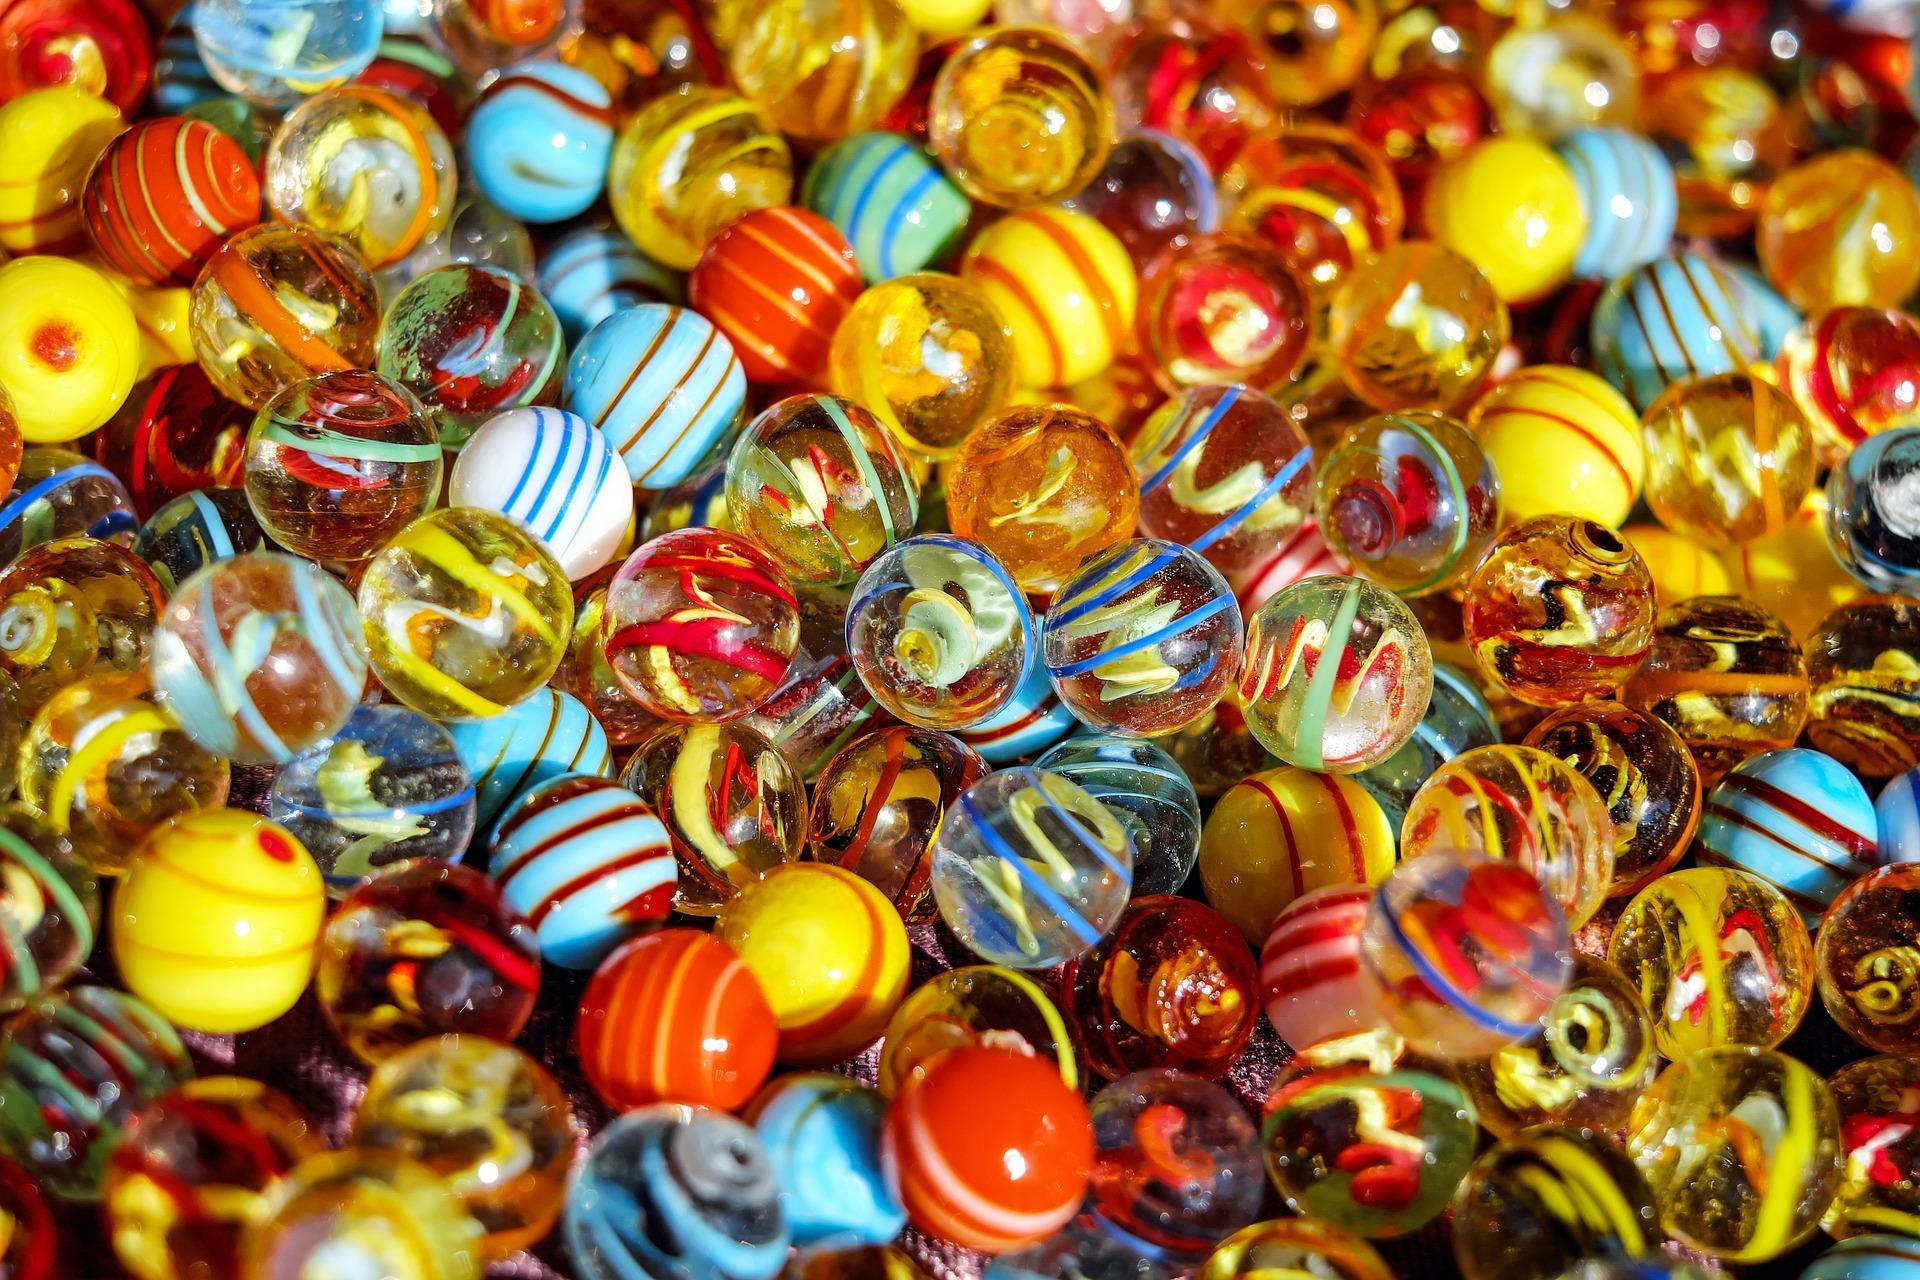 marbles-1659398_1920.jpg